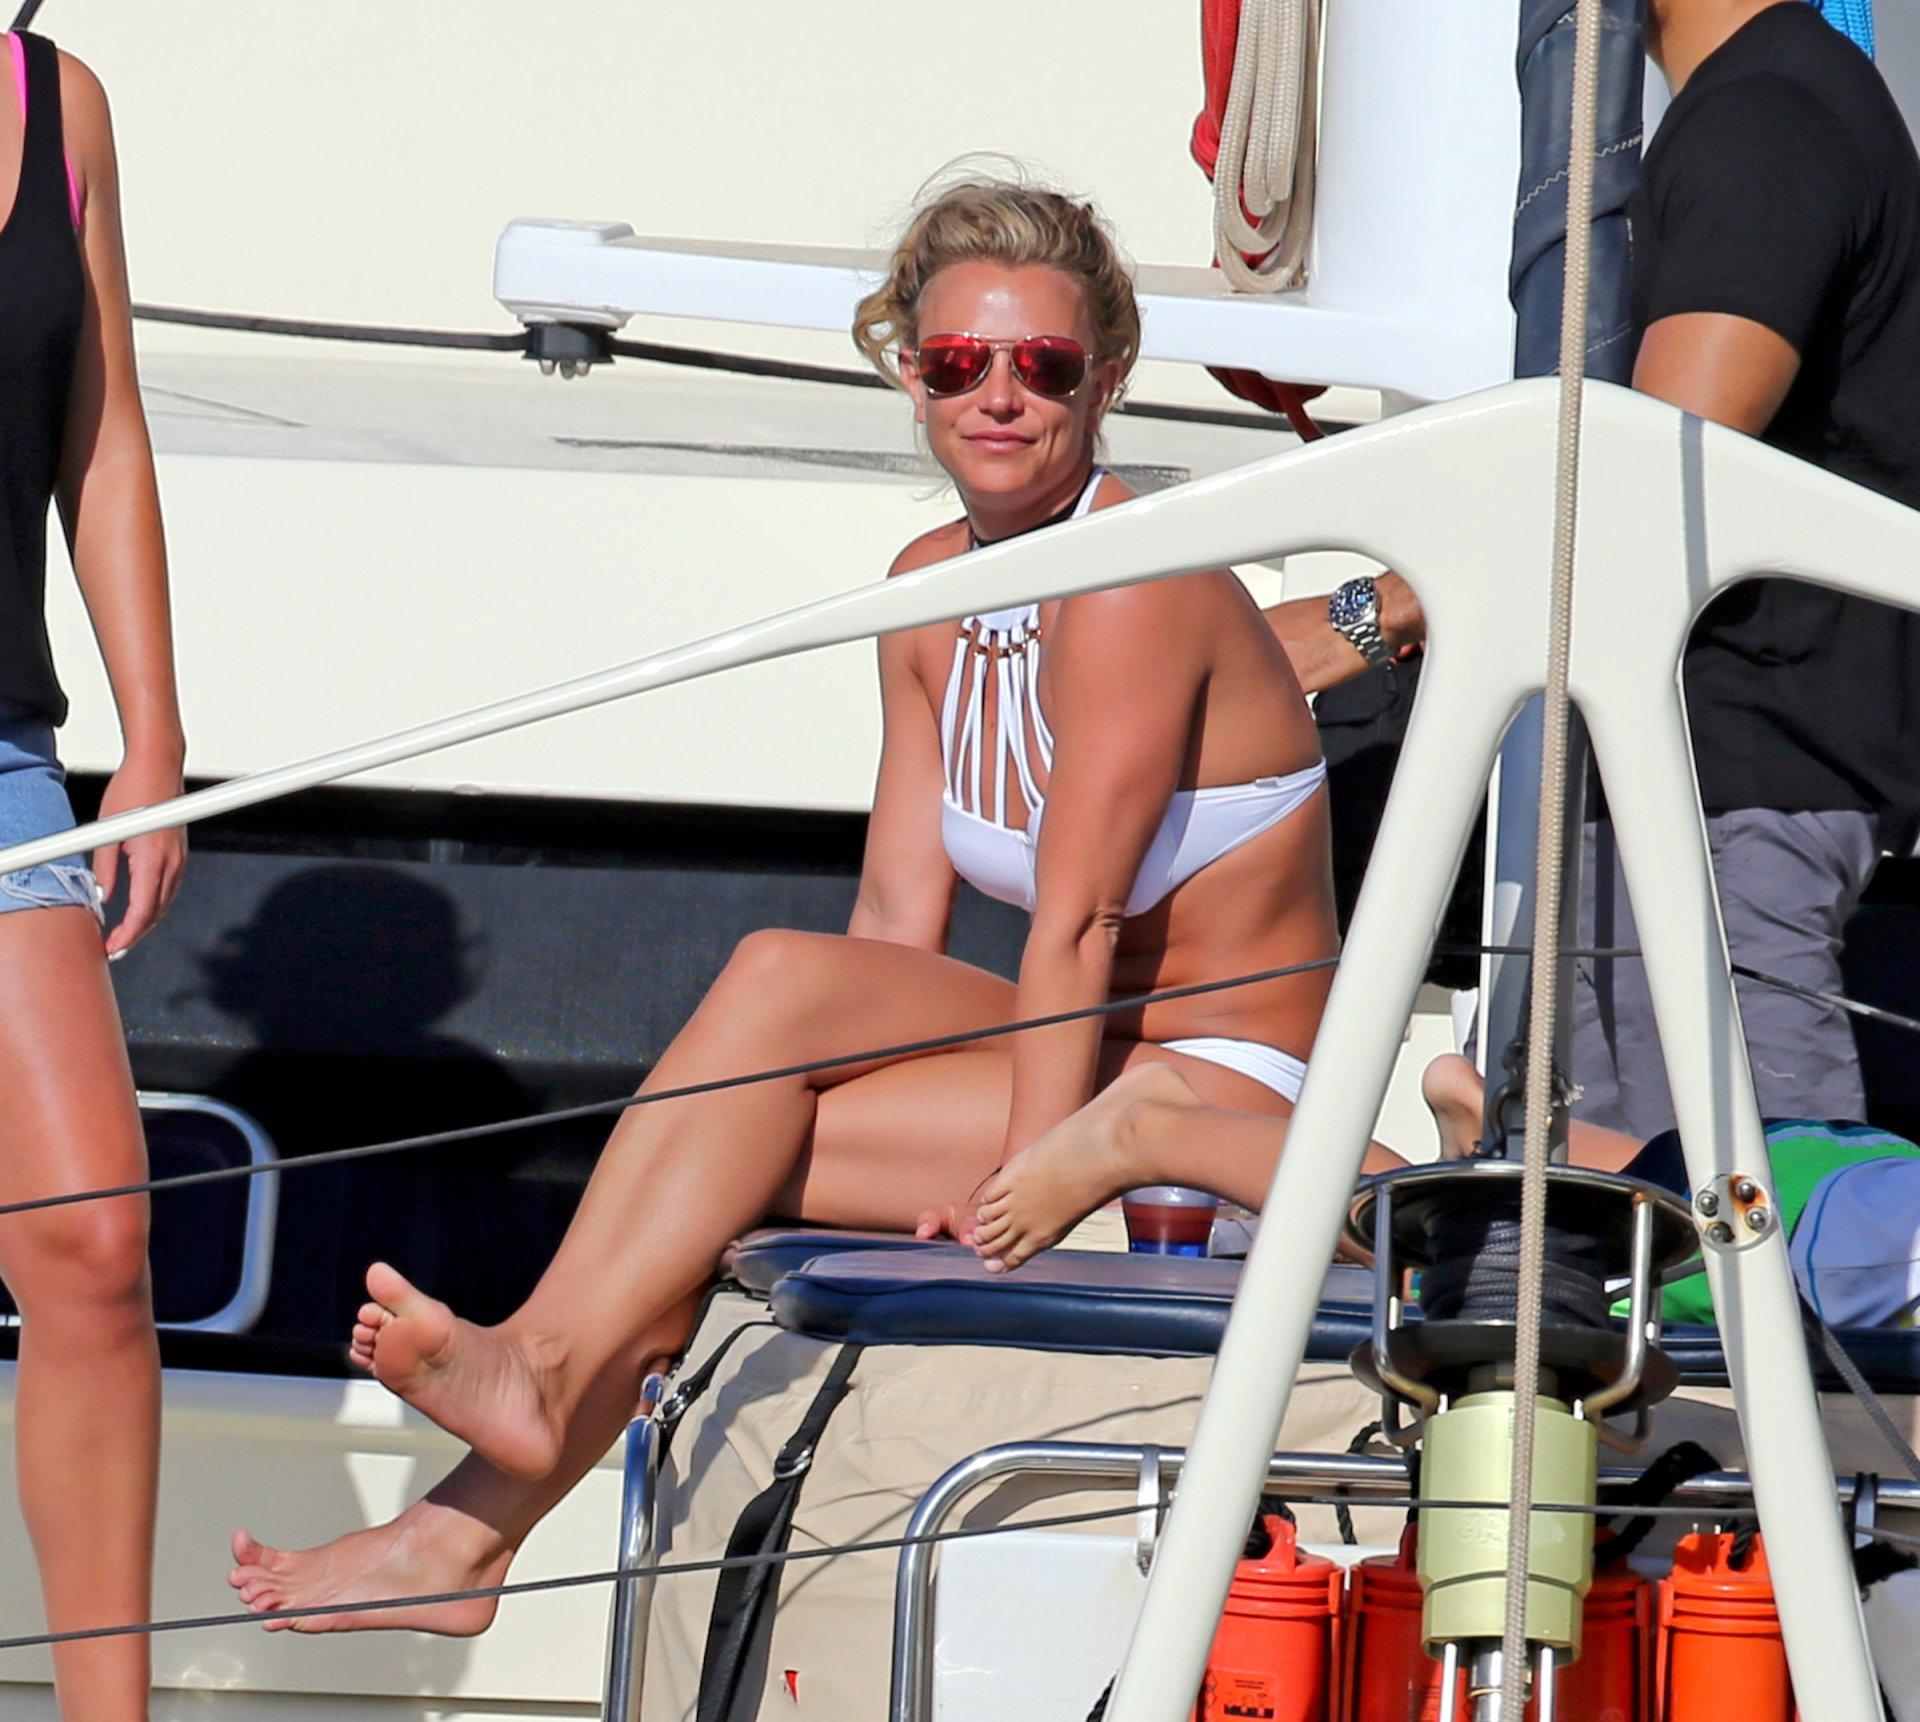 August 8, 2016 1920 × 1722 Britney Spears – Bikini Candids in ...: www.hotcelebshome.com/2016/08/08/britney-spears-bikini-candids-in...